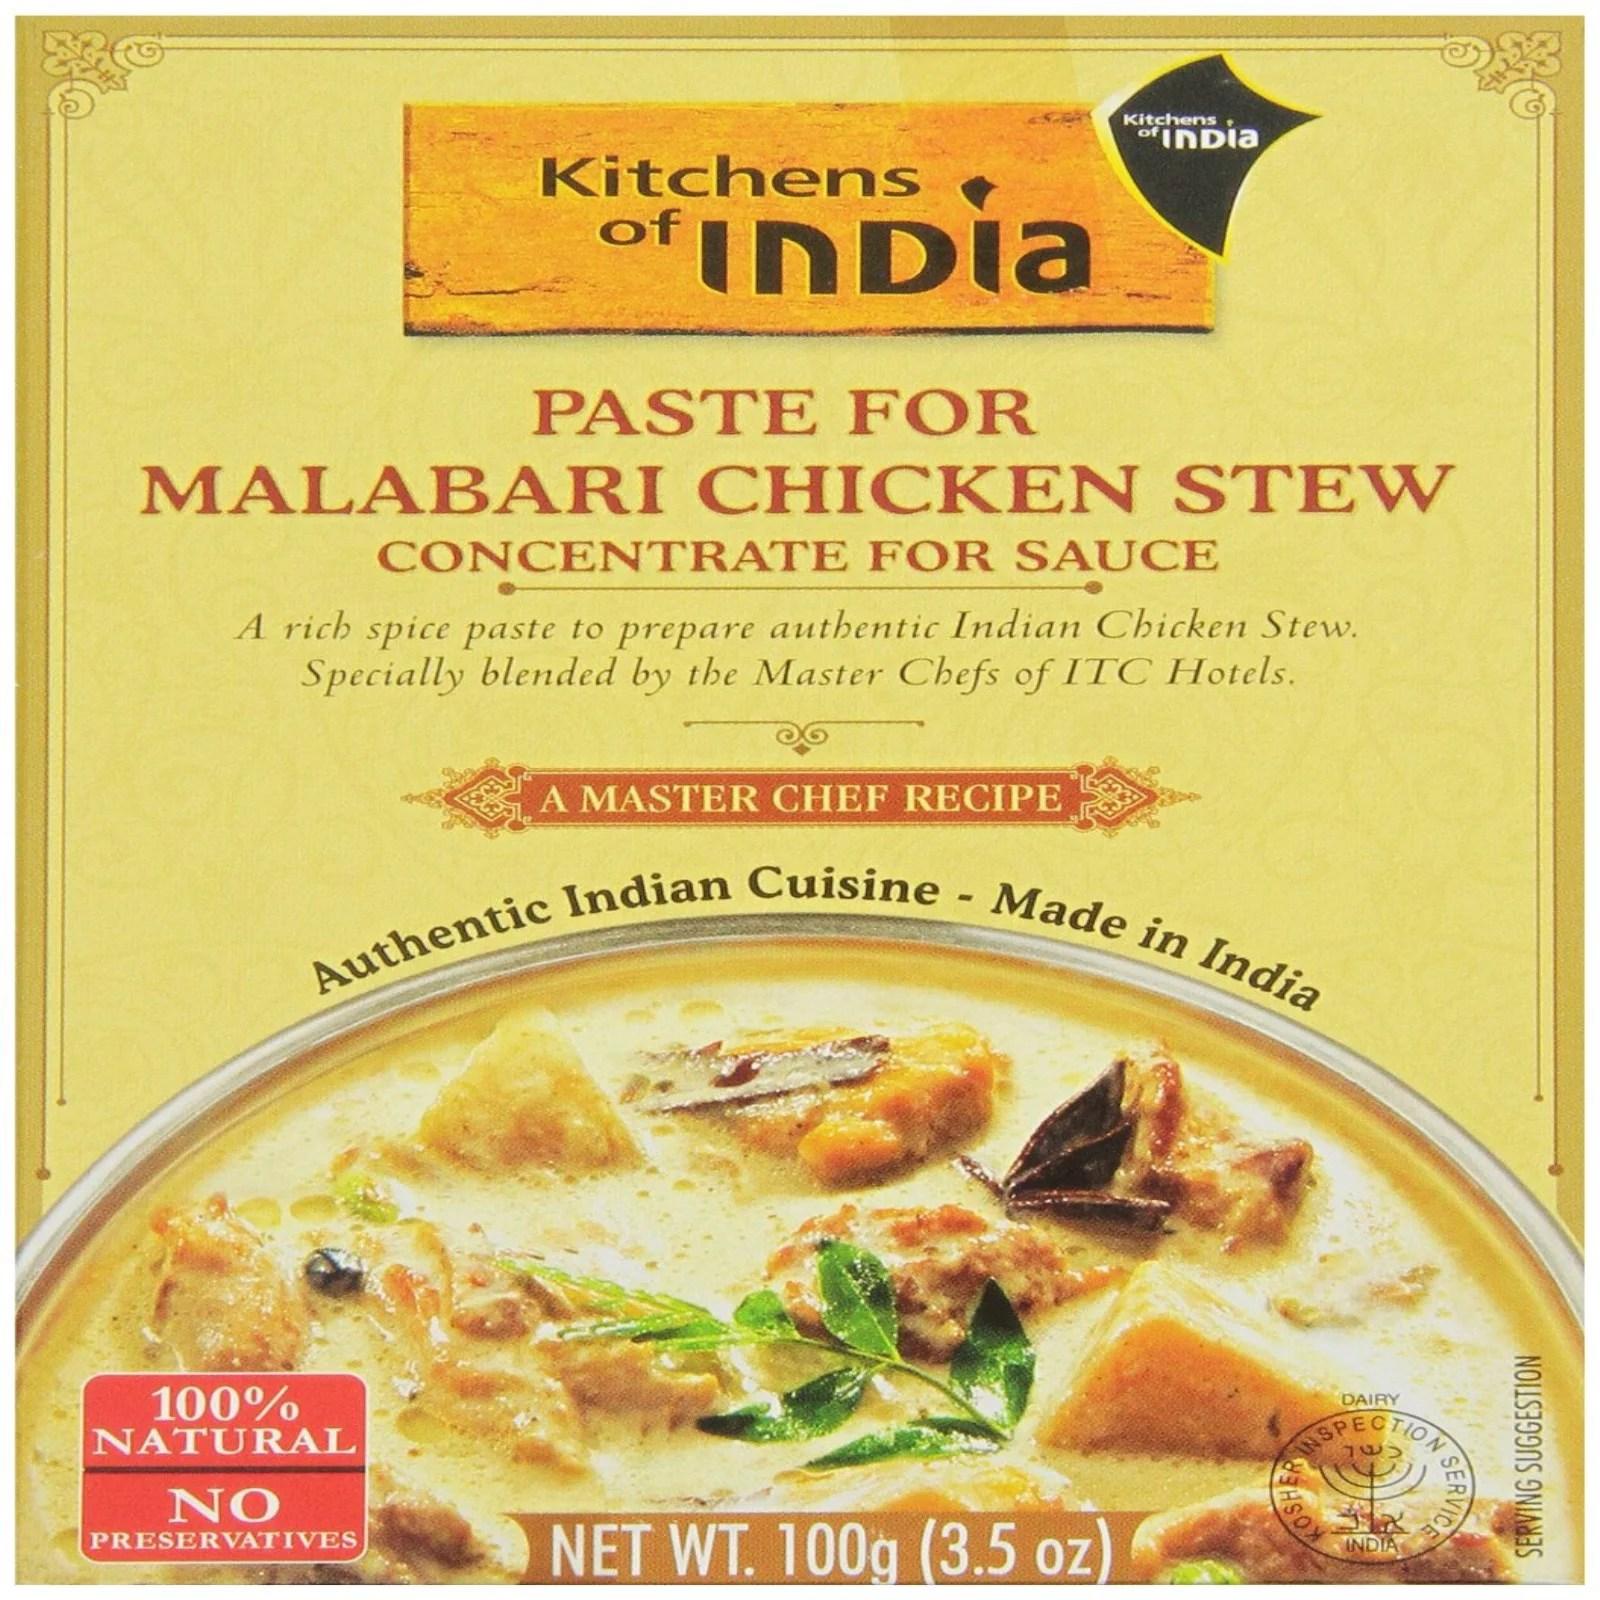 kitchens of india ikea kitchen plates paste for malabari chicken stew 3 5 oz pack 6 walmart com